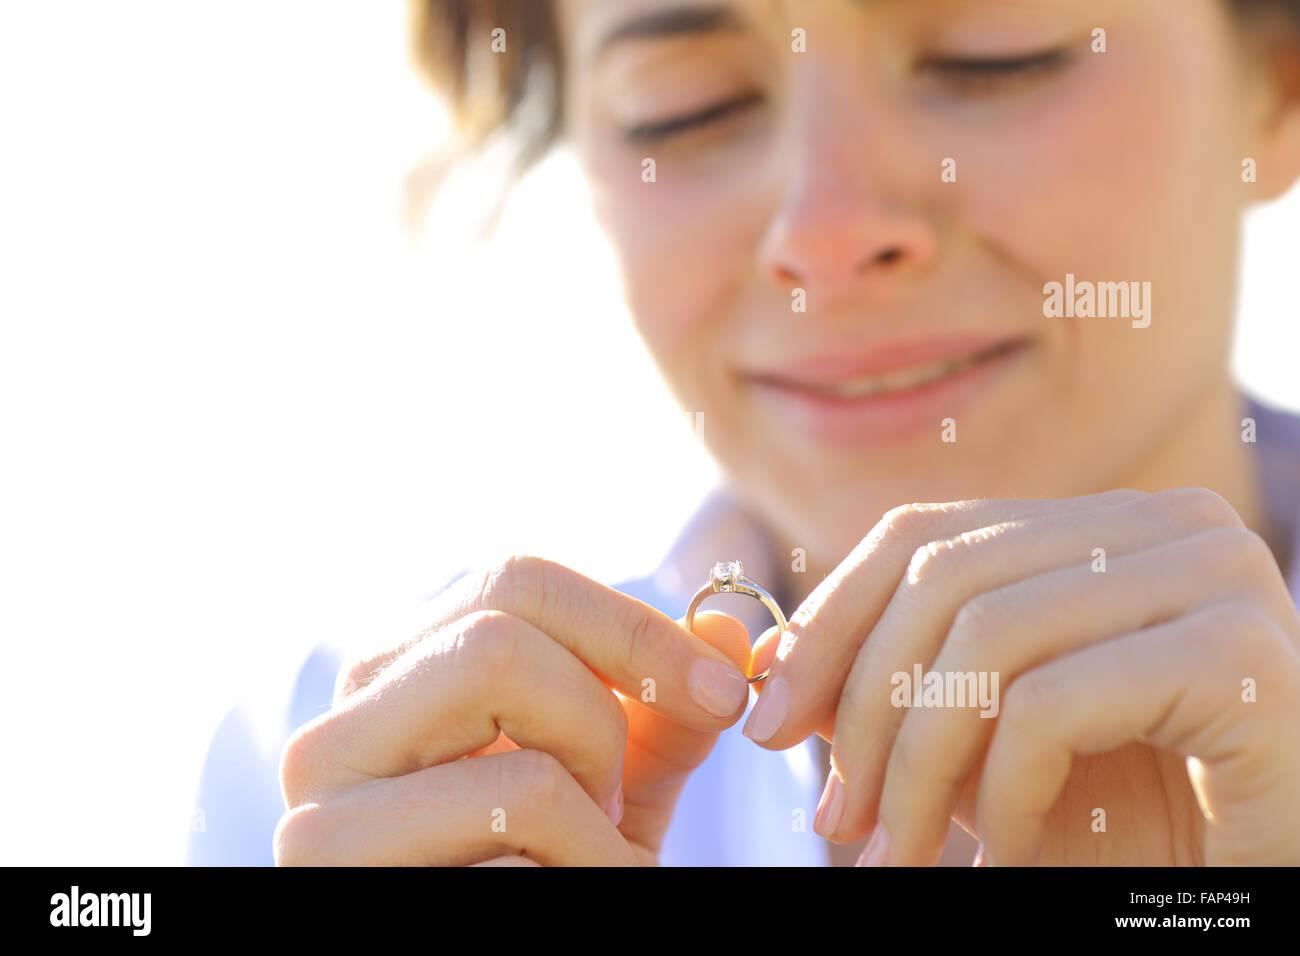 Triste ragazza piange mentre sta cercando il suo anello di fidanzamento Immagini Stock